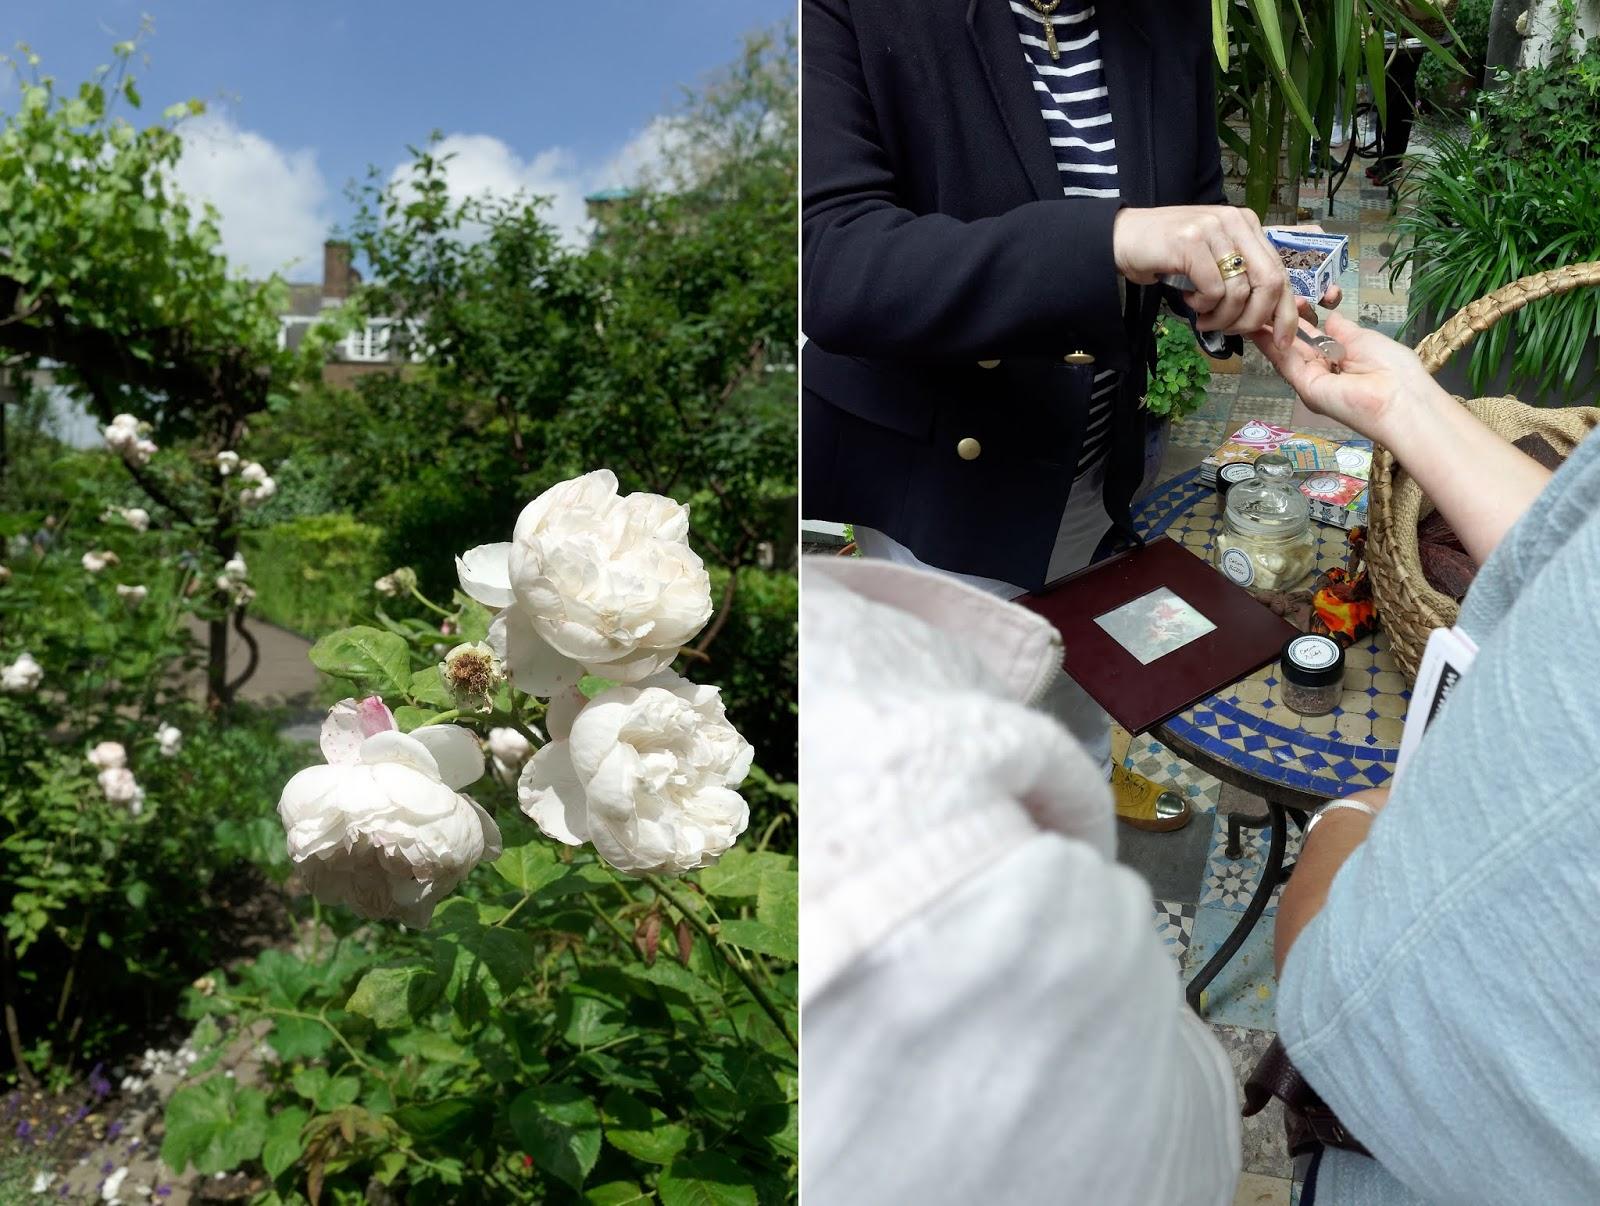 Open Garden Squares London - Tate community garden and Roccoco Chocolates garden